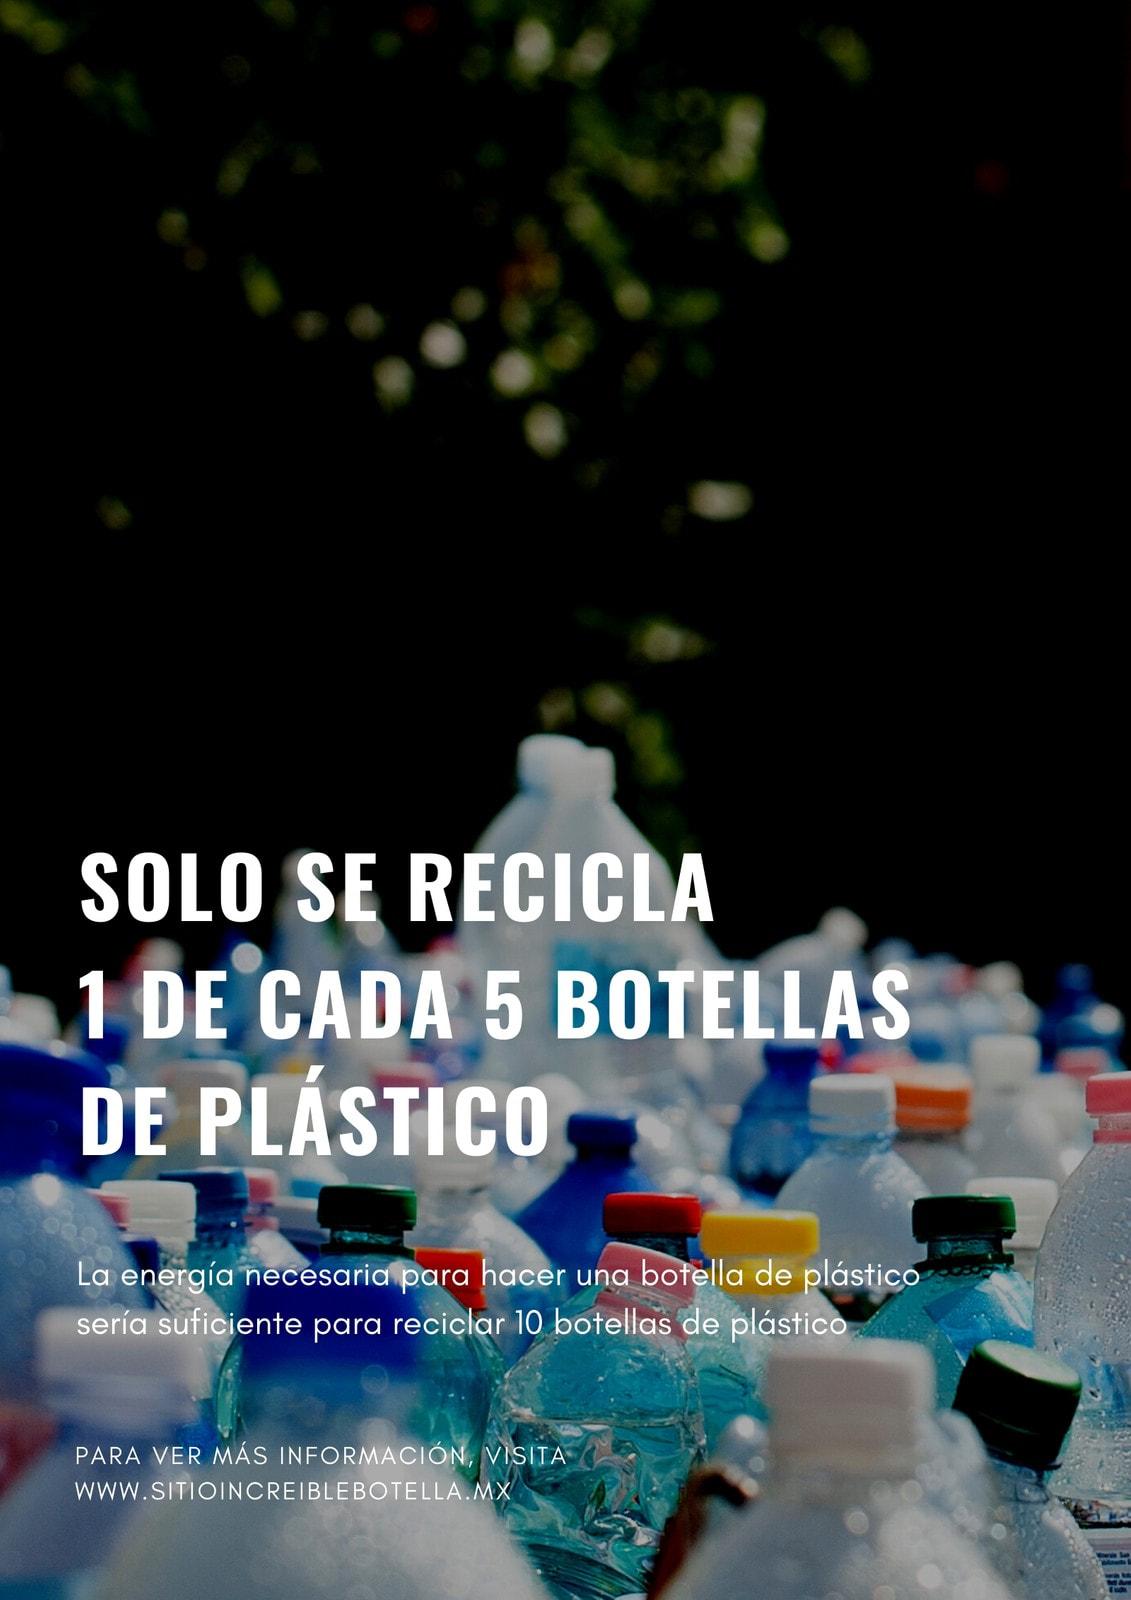 Botella de Plástico Protección Medioambiental Póster